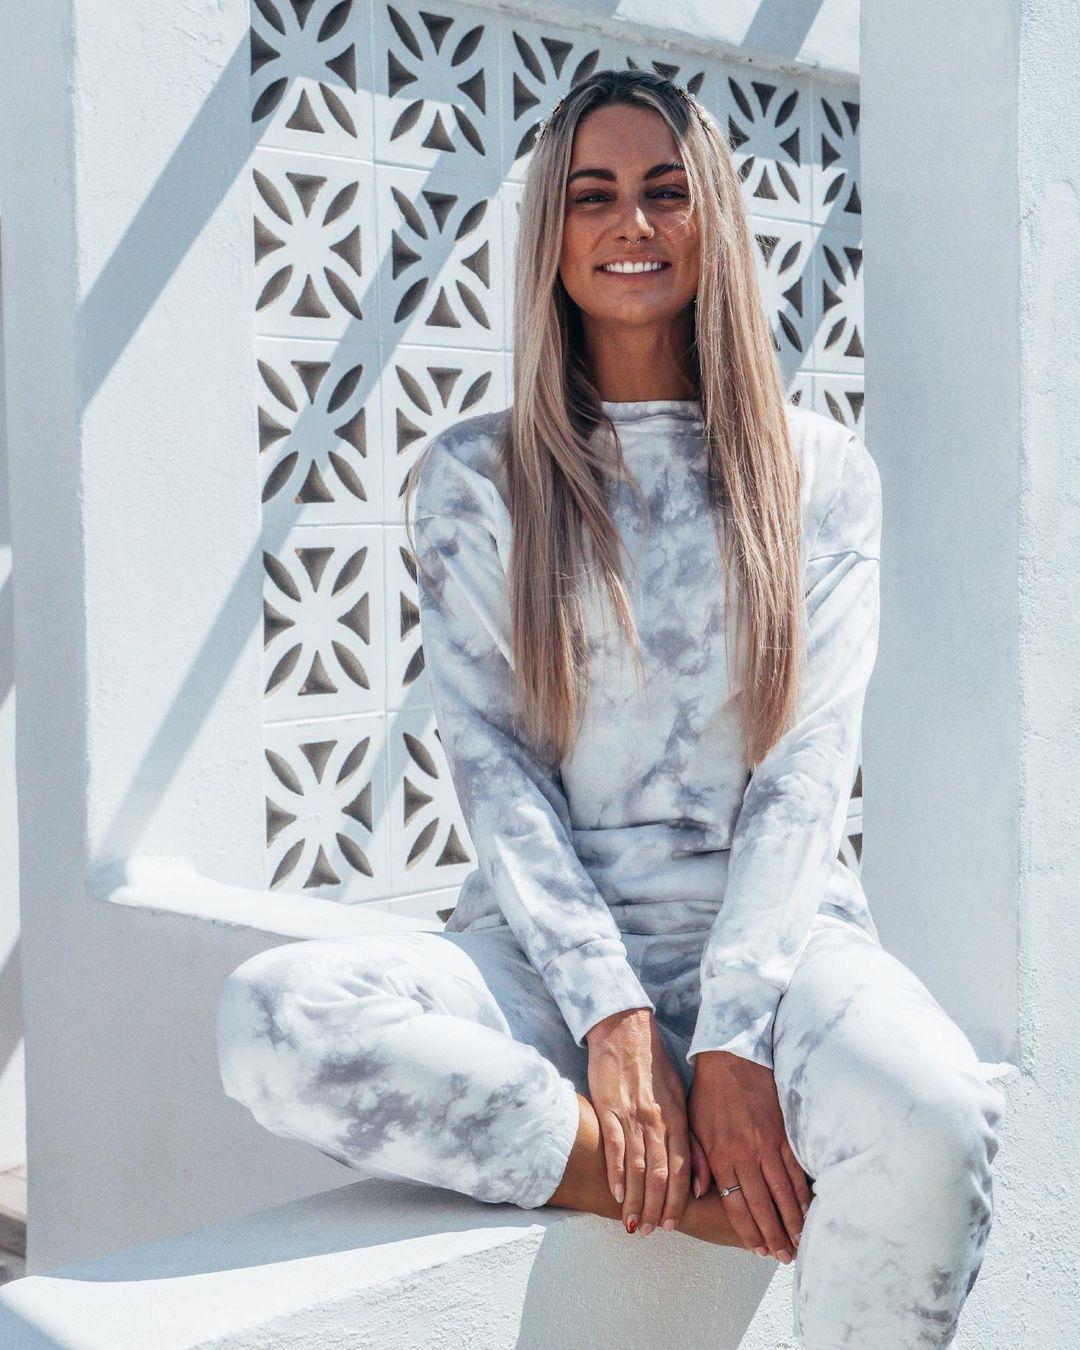 Yasmin-Deborah-Morgana-Wallpapers-Insta-Fit-Bio-6